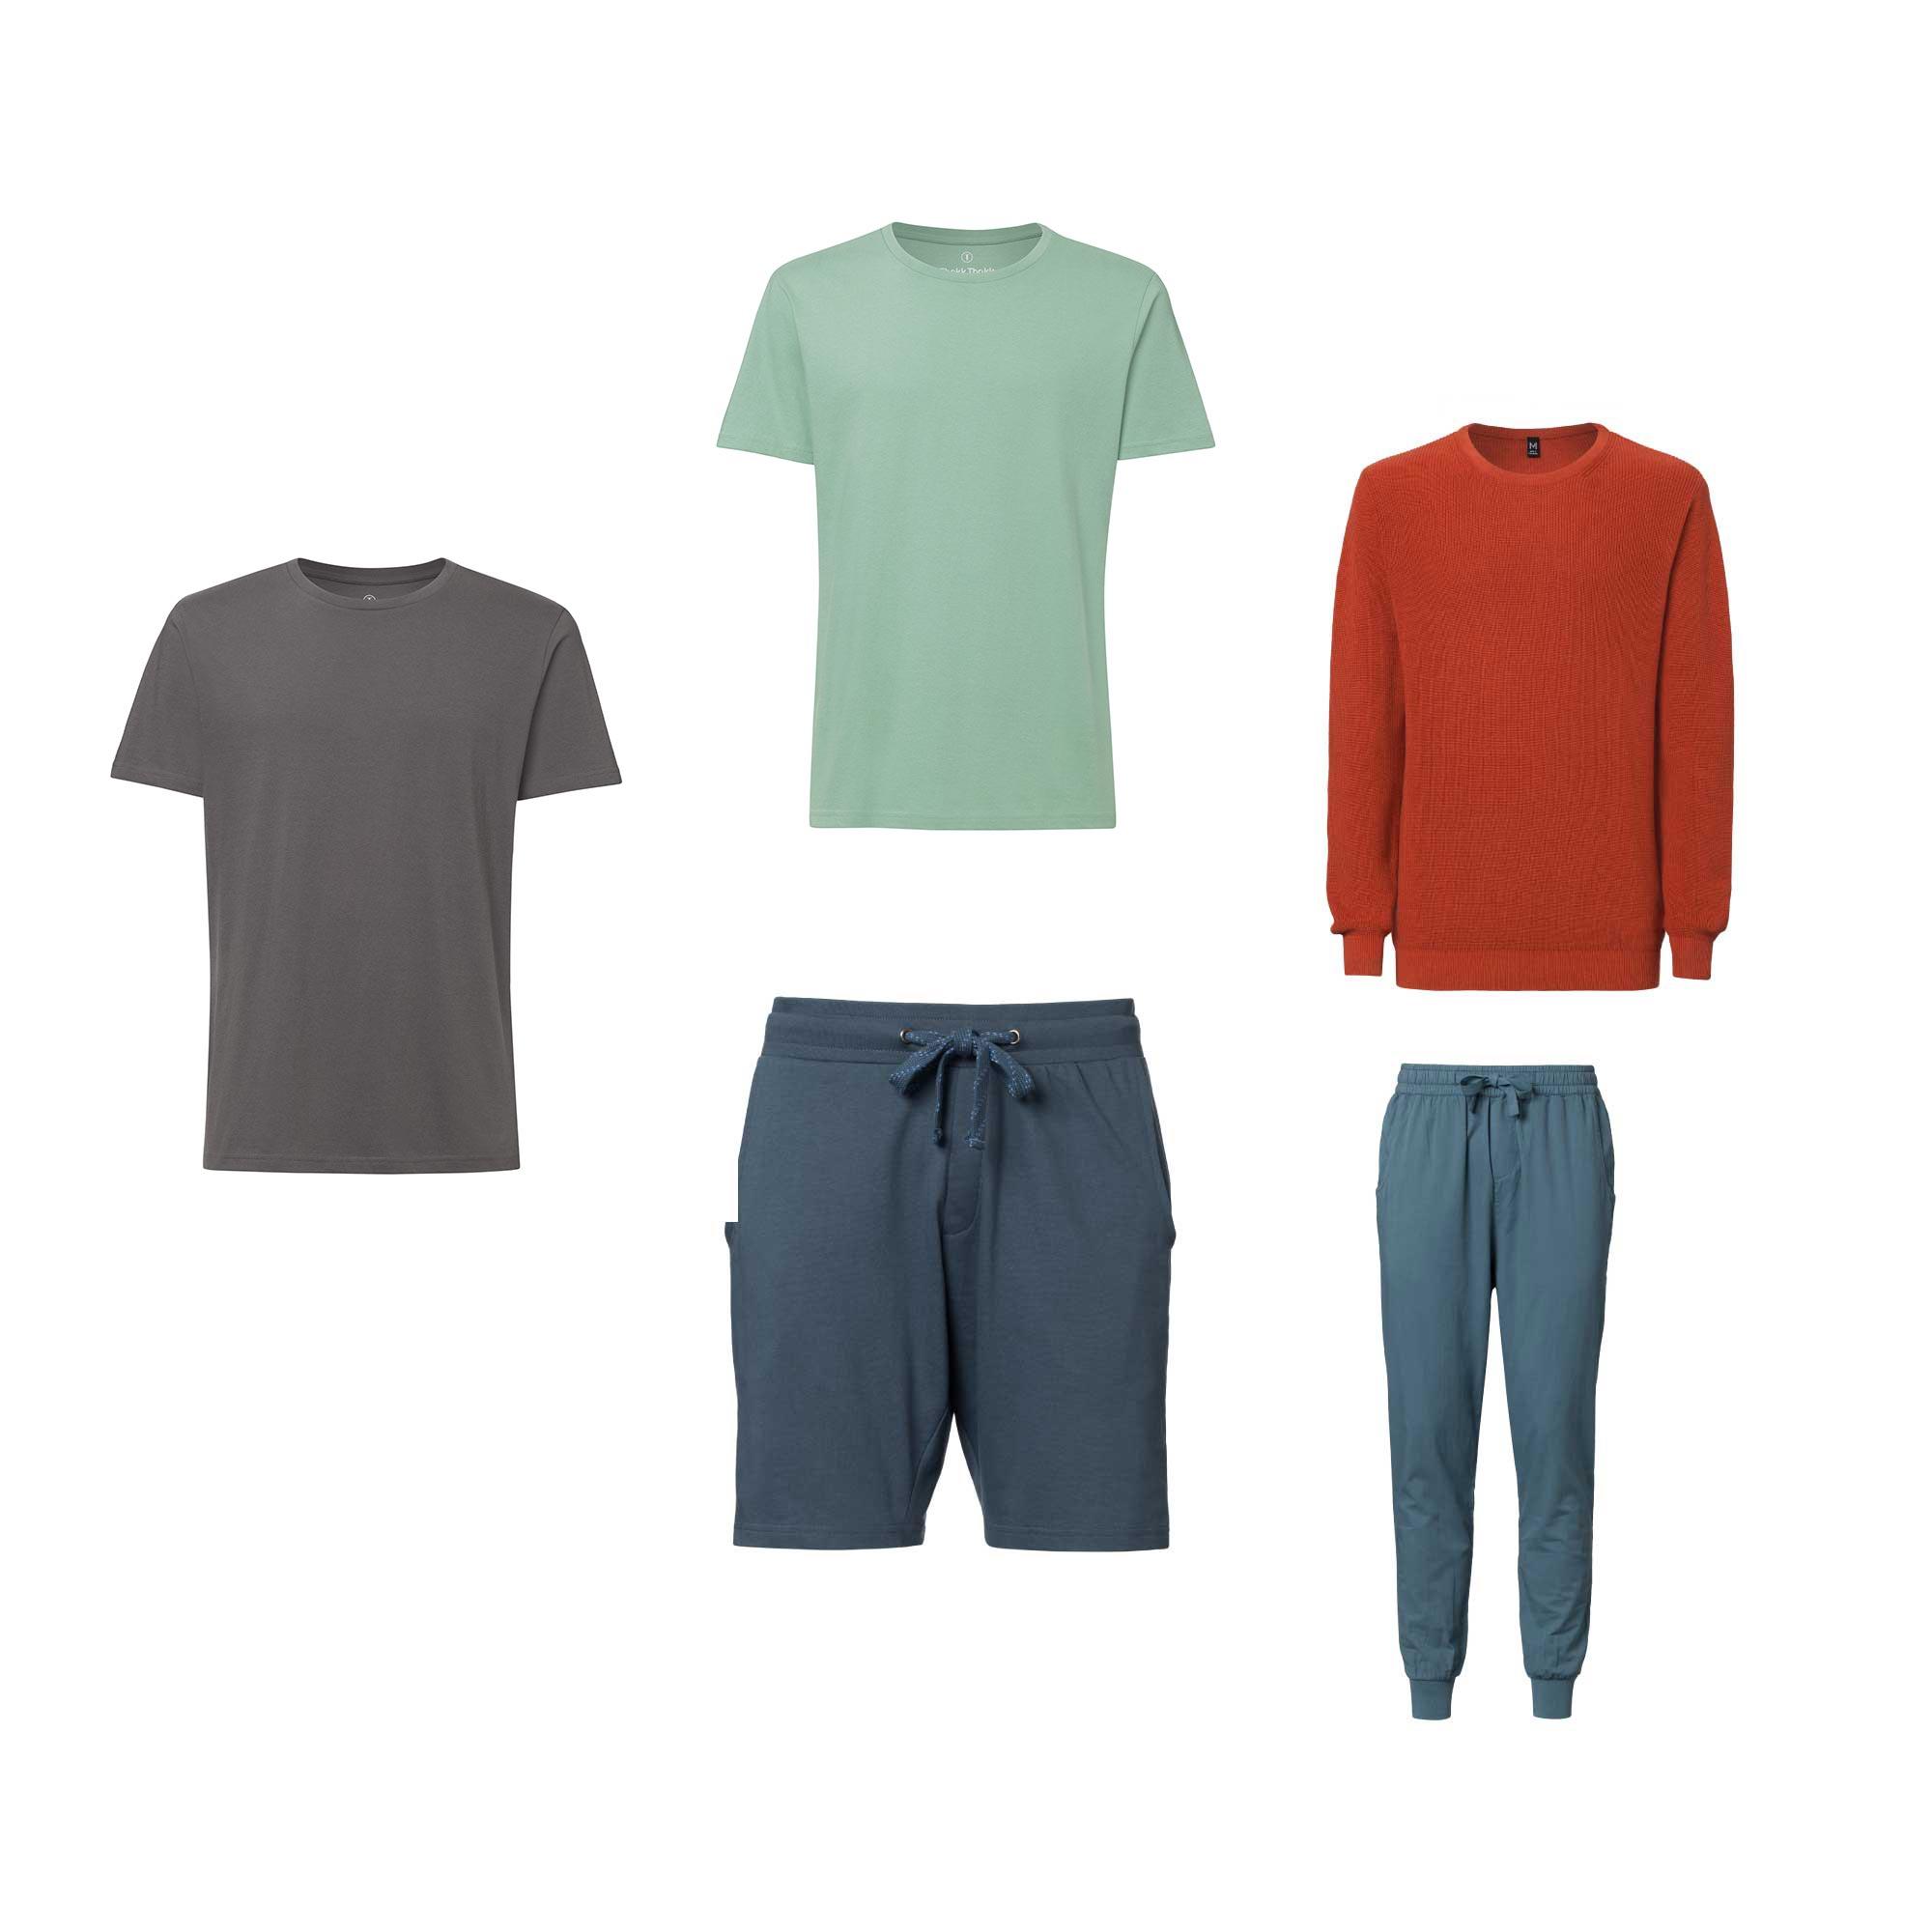 5er Pack TT65 T-Shirt Tangerine // Magic TT02 T-Shirt // TT3002 Pullover Man Tangerine // TT1020 Shorts Man Thundercloud // TT38 Summer Pants Man Thundercloud